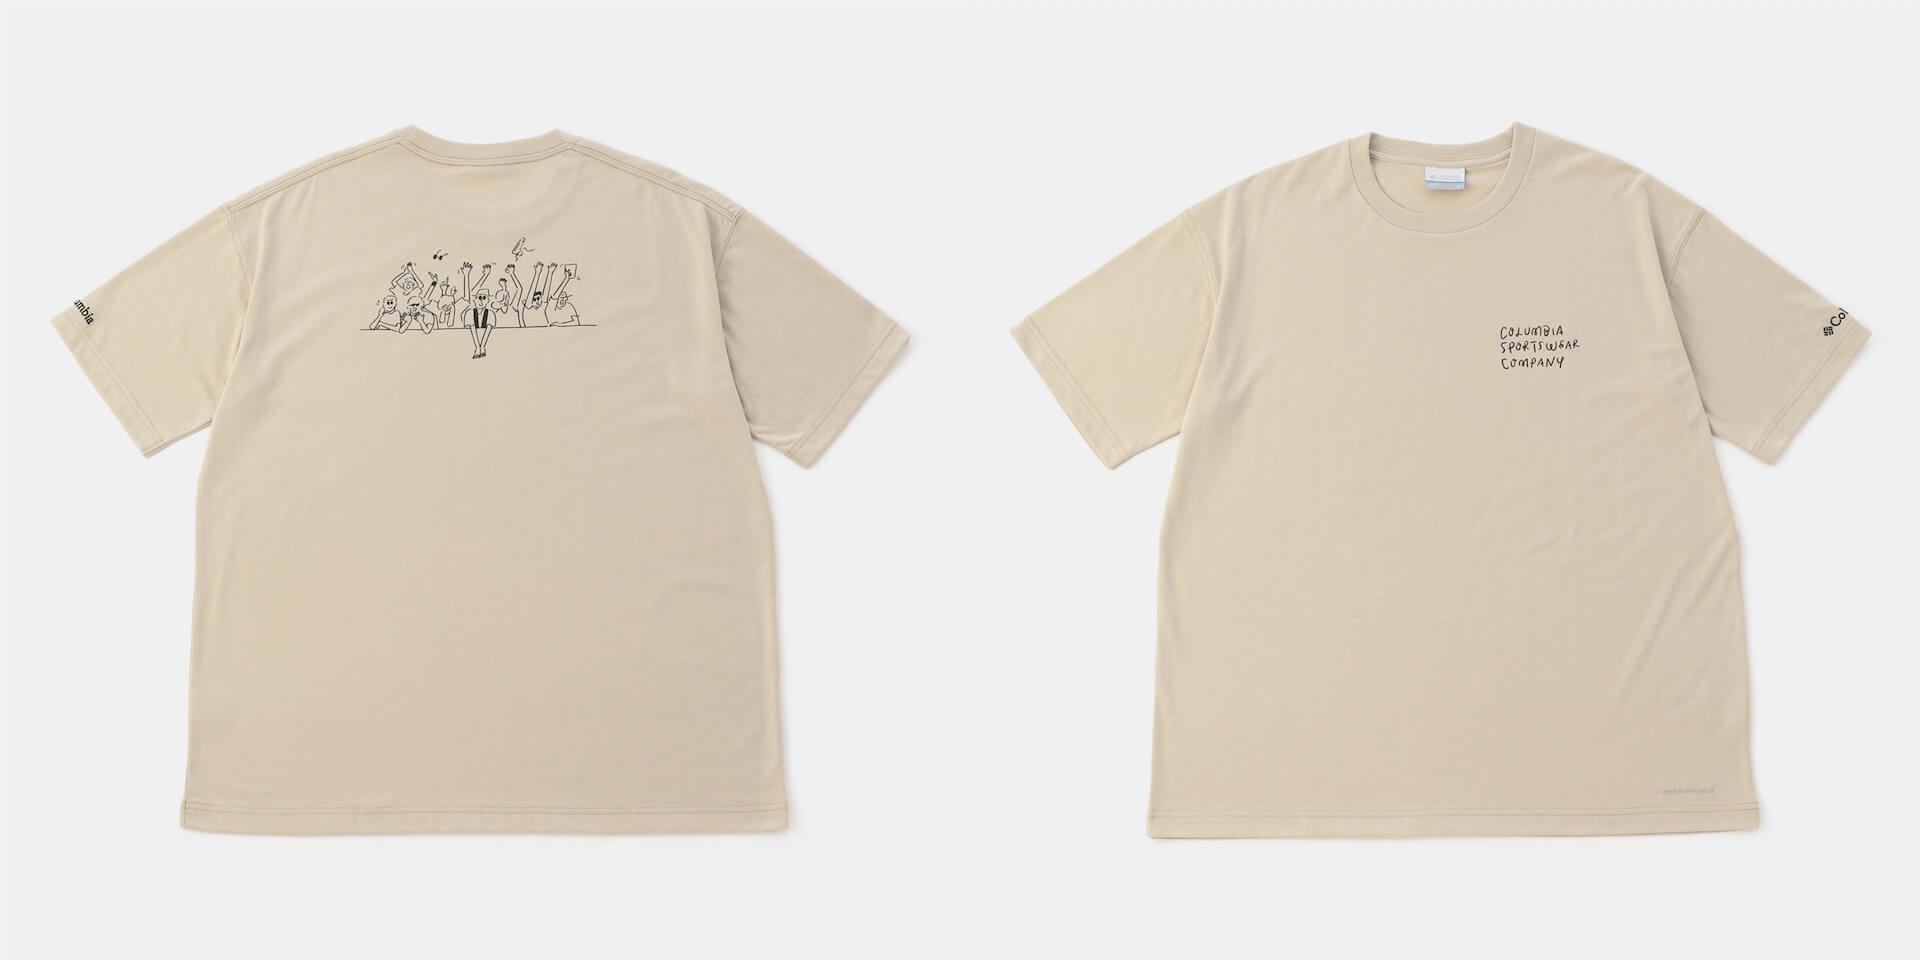 フジロック'21×ColumbiaコラボレーションTシャツが発売決定!長場雄「THE CATS」のイラストに注目 fation210611_FUJIROCK-nekoTshirt3